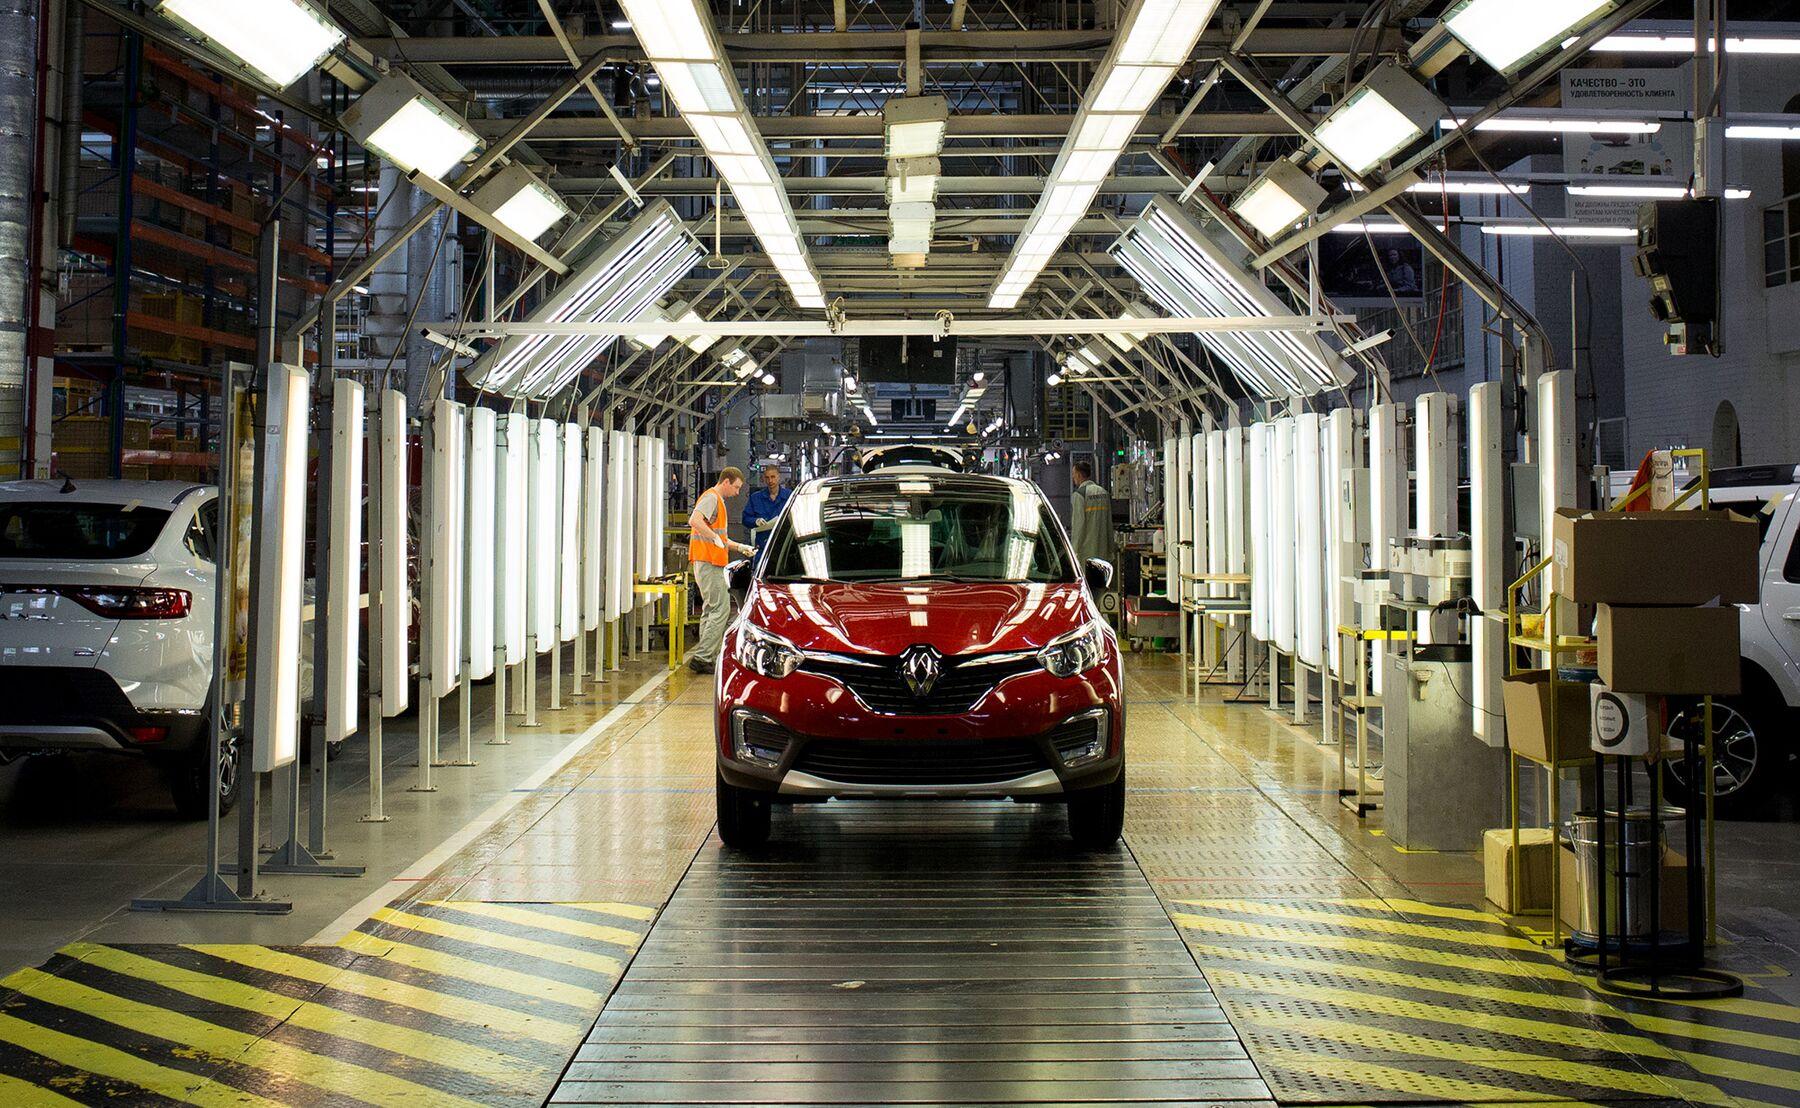 【自動車業界】FCAがルノーとの経営統合案を撤回-仏政府に責任と非難【日産のプレスリリースあり】